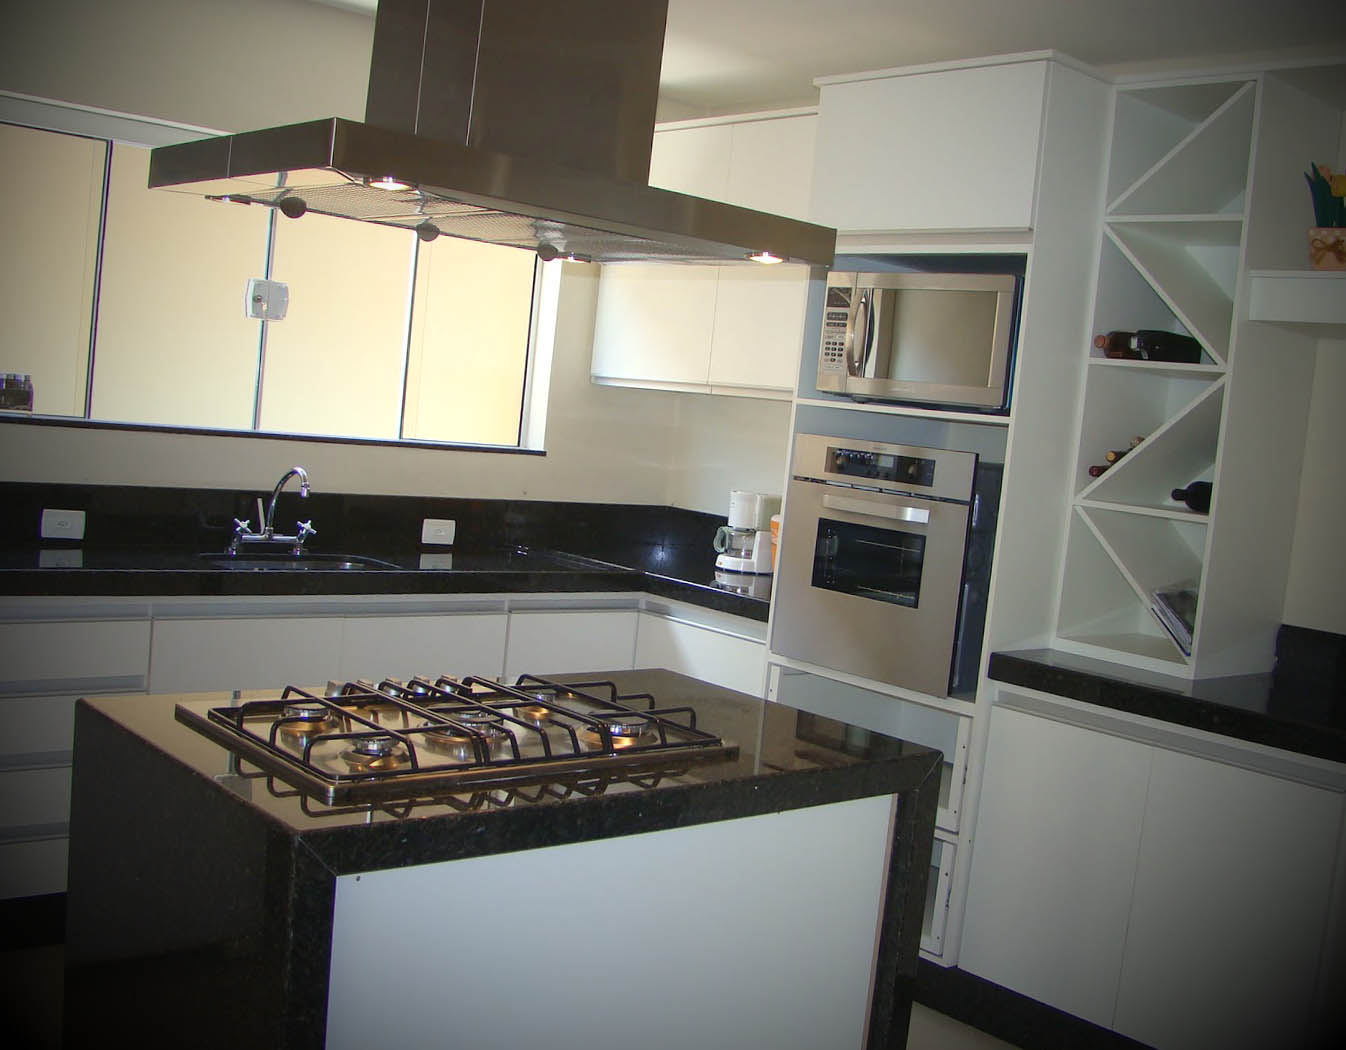 Cozinha Pequena Com Ilha Cozinha Cozinha Partilha Isto Pequena